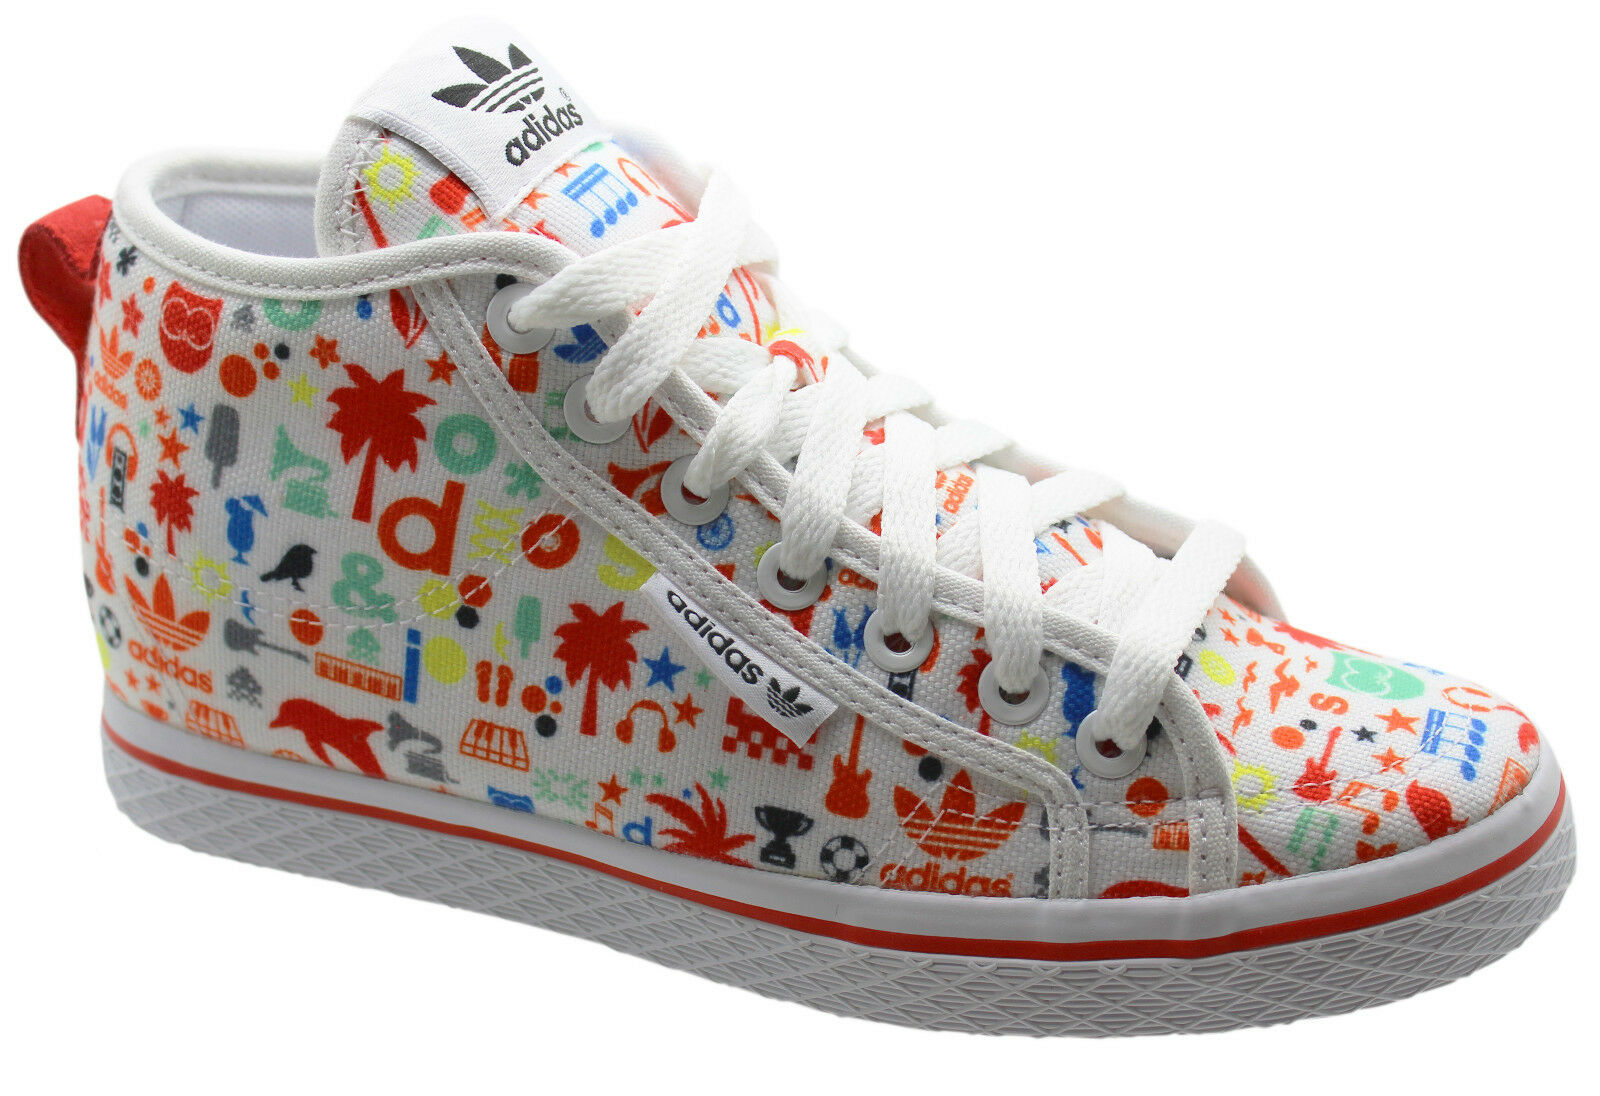 Adidas Originales Miel Up W Graffiti Graffiti Graffiti Cuña Zapatillas Zapatos para mujeres B34043 U38  tomar hasta un 70% de descuento